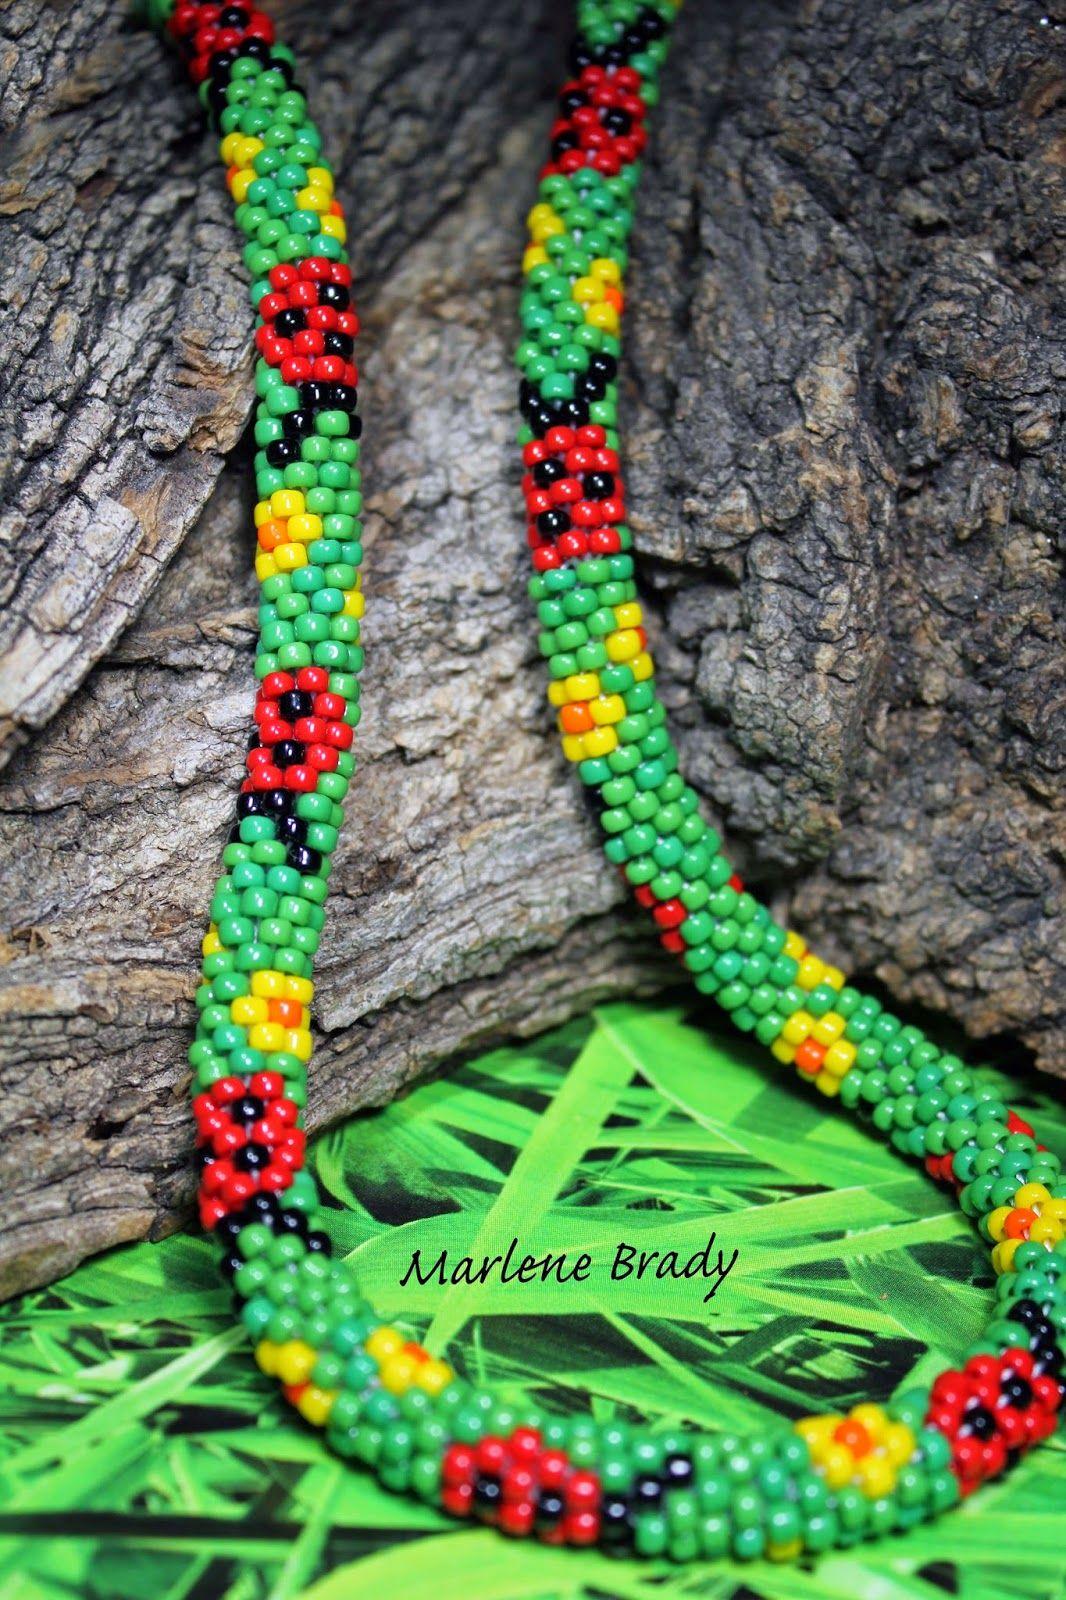 Marlene Brady Ladybug Ladybug Pärlor